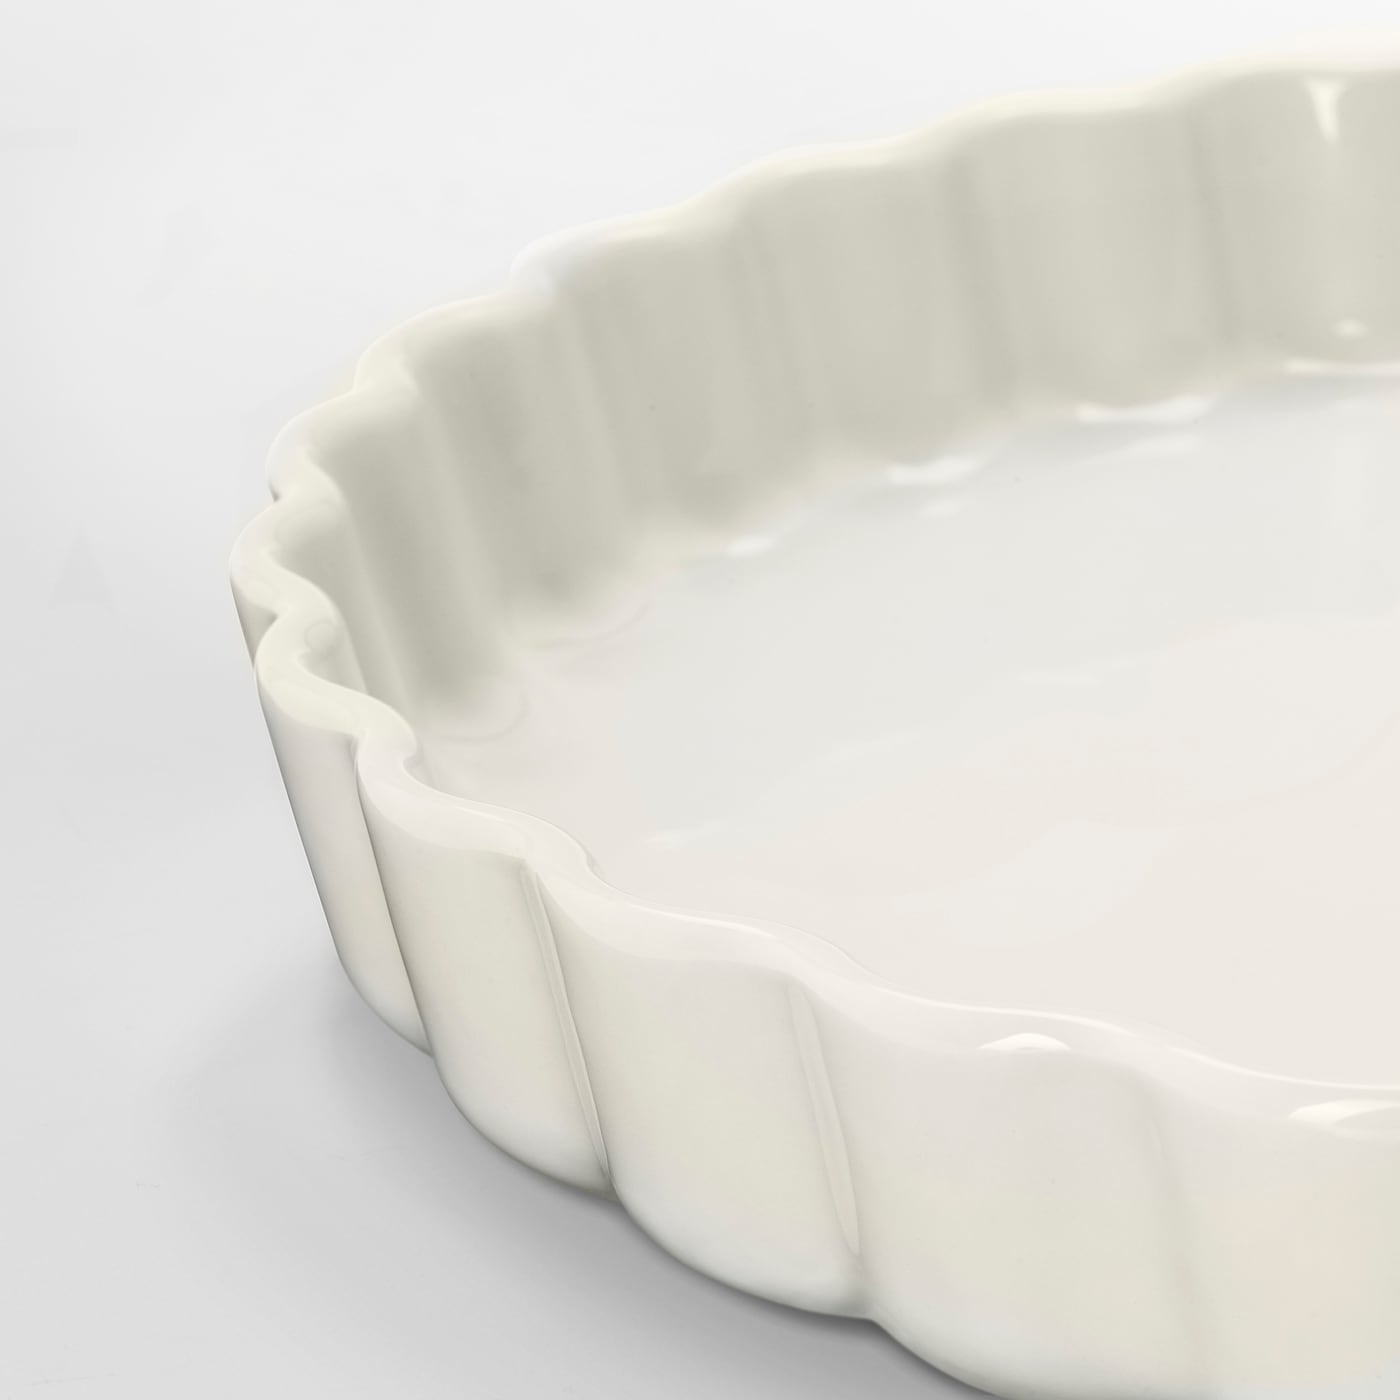 VARDAGEN Tærteform, råhvid, 32 cm